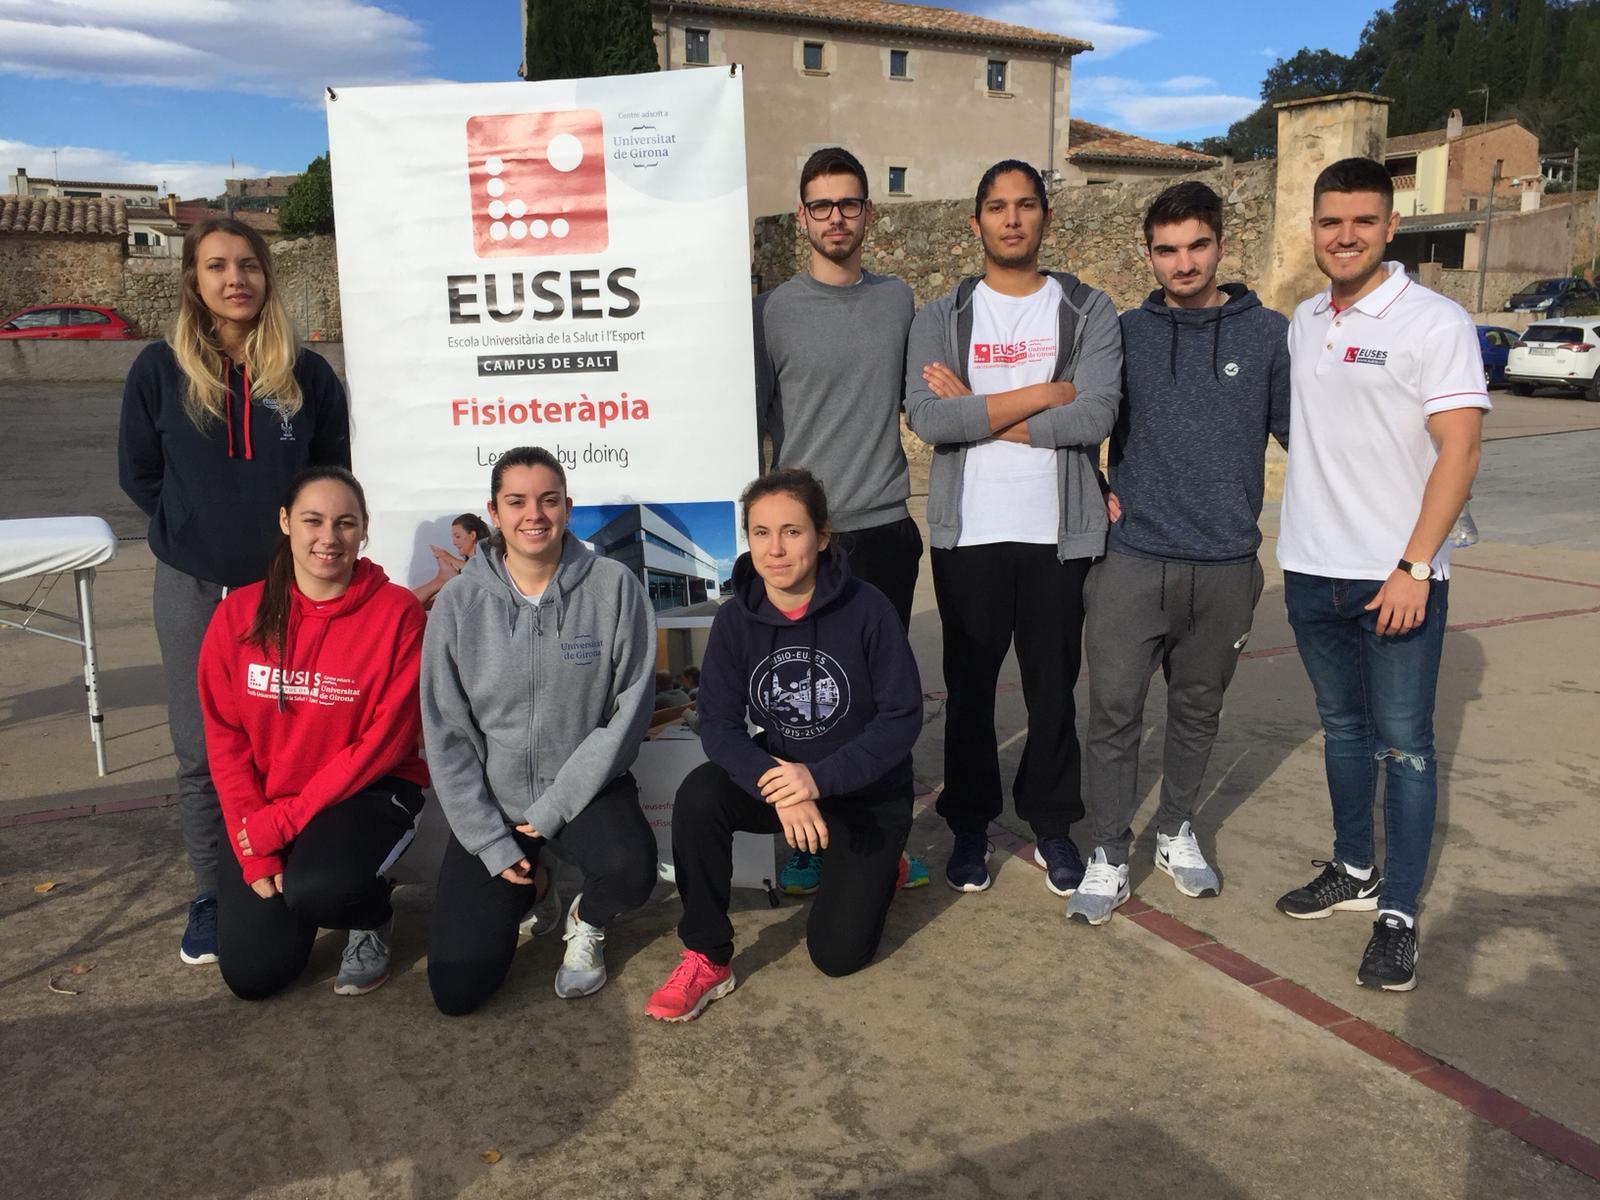 Estudiants del Grau en Fisioteràpia d'EUSES col·laboren en la 3a Marxa Trail Solidària ASIA, a Cervià de Ter